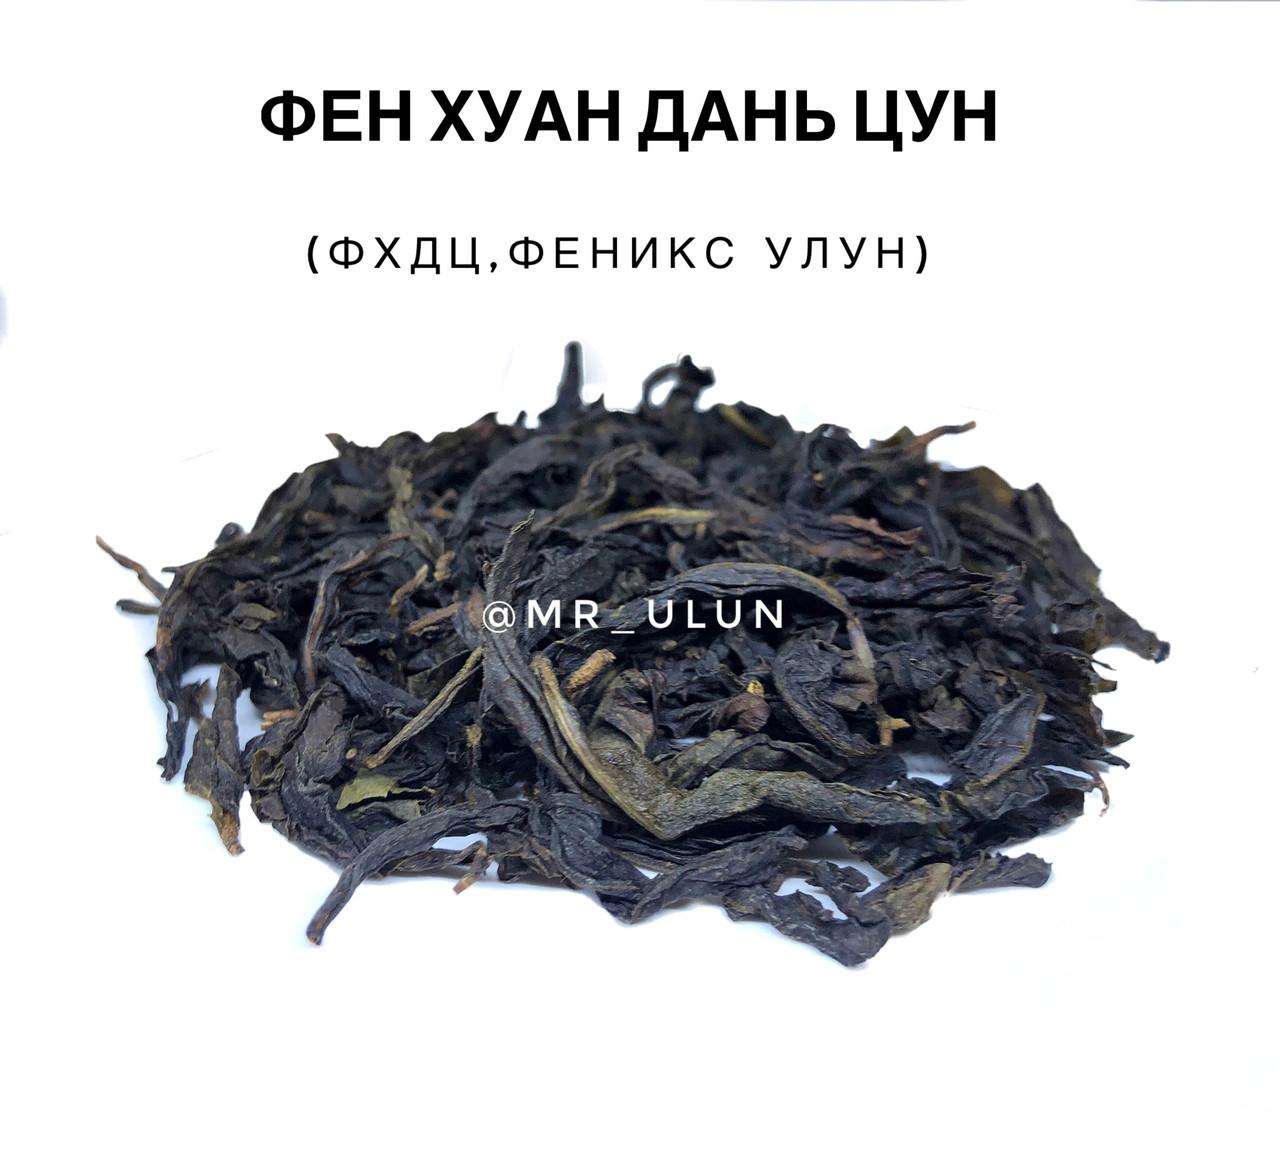 Тёмный улун Фен Хуан Дань Цун (ФХДЦ, Феникс улун) 250 г